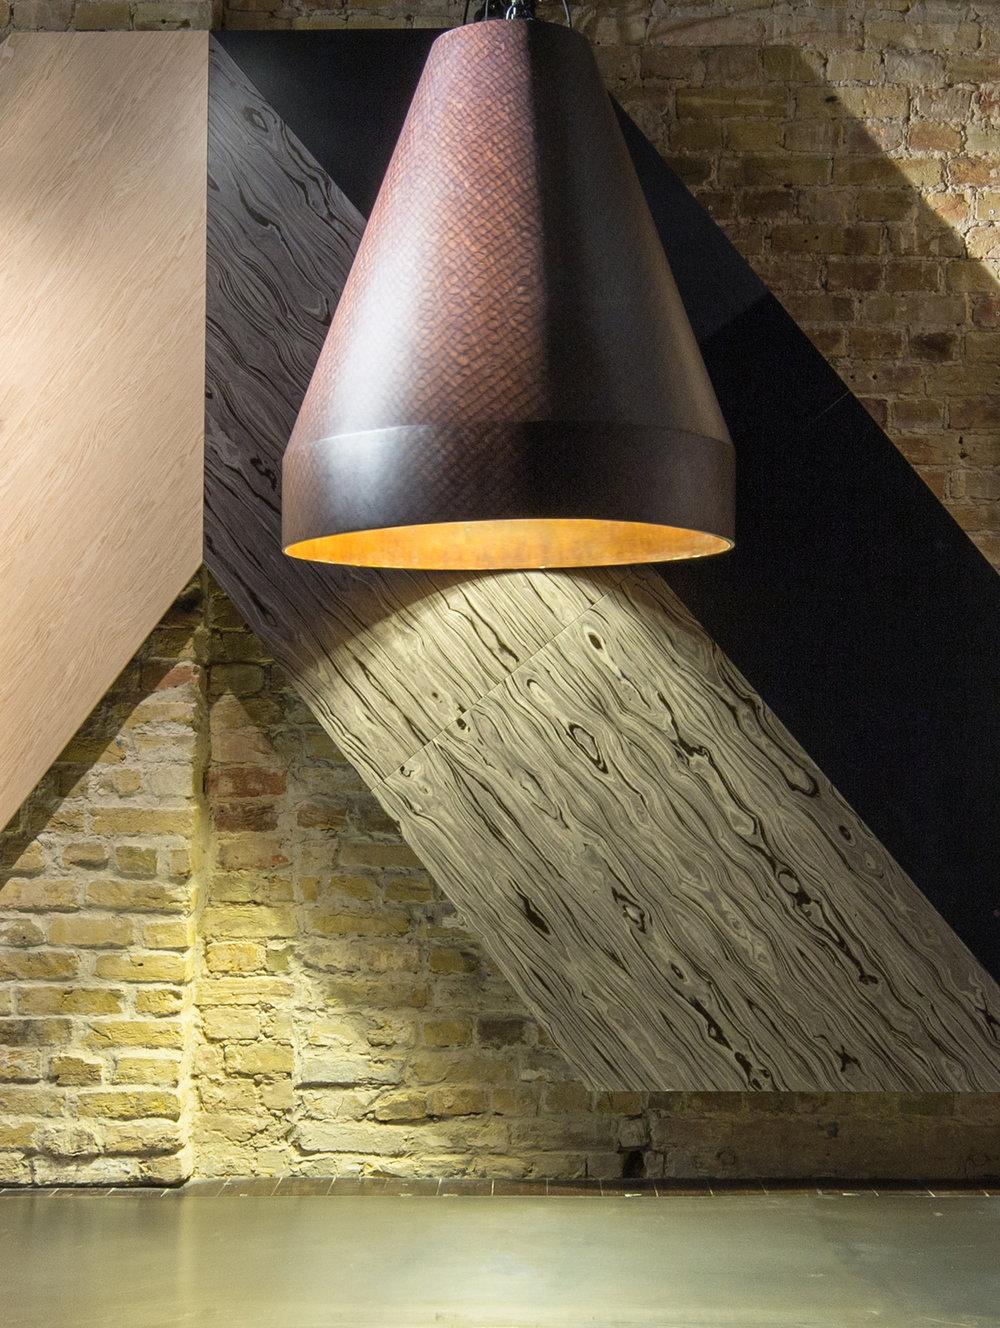 Студия Sergey Makhno Architects представилановую лампу JET с использованием шпона  ALPI Pirarucu , разработанного бразильскими дизайнерами Campana Brothers. Сергей Махно, насколько нам известно, является первым дизайнеровв мире, использовавший этот шпон от Campana Brothers.